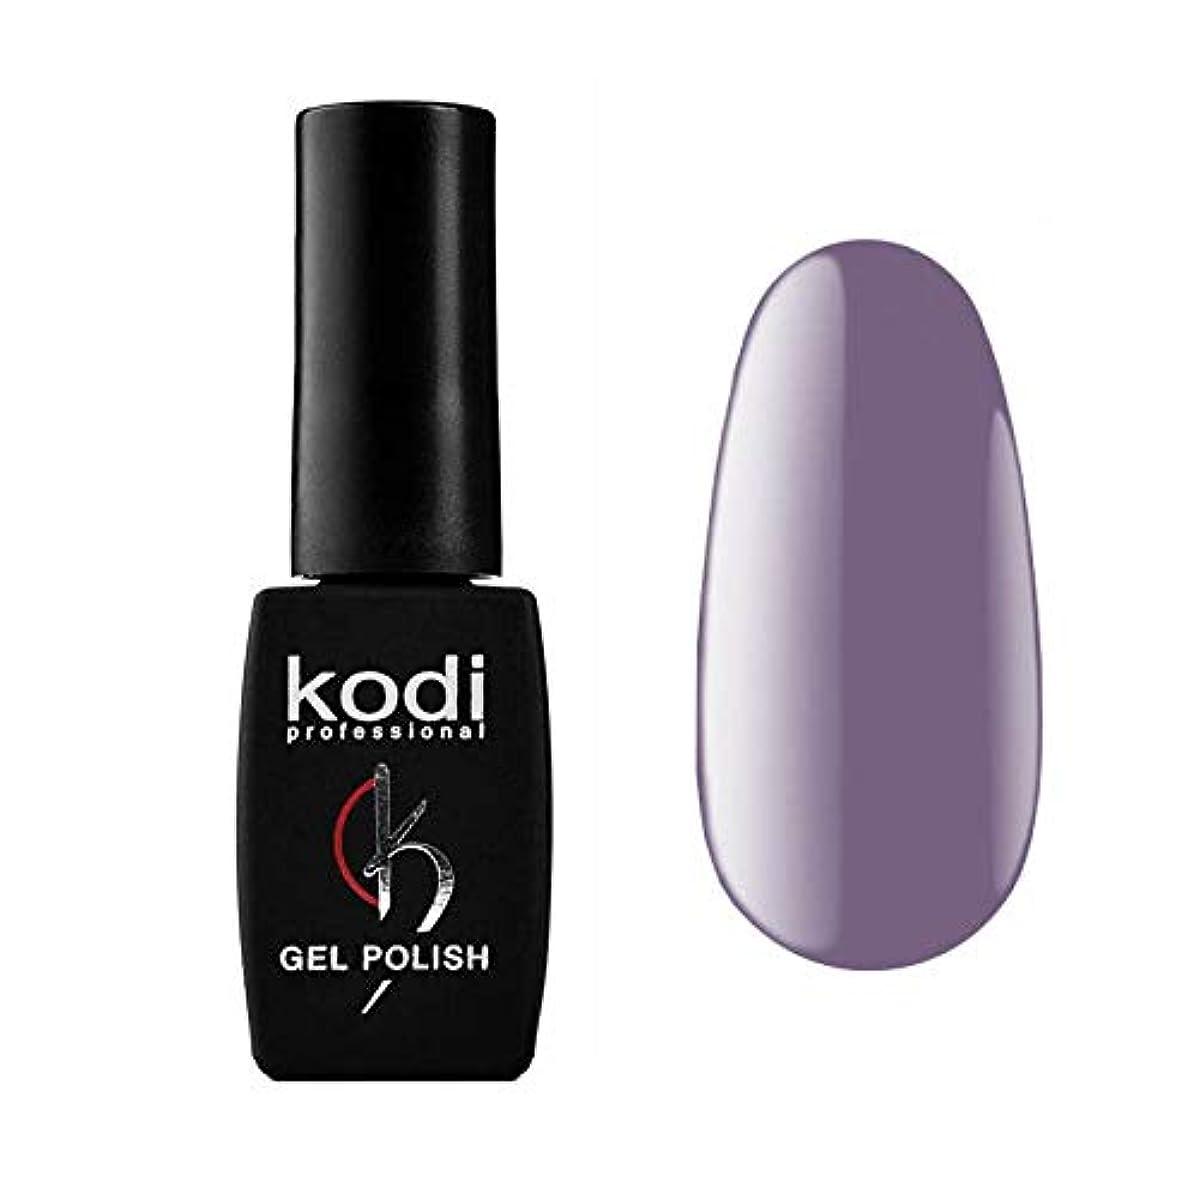 ヘルパーサスティーン比較Kodi Professional New Collection LC LILAC #20 Color Gel Nail Polish 12ml 0.42 Fl Oz LED UV Genuine Soak Off